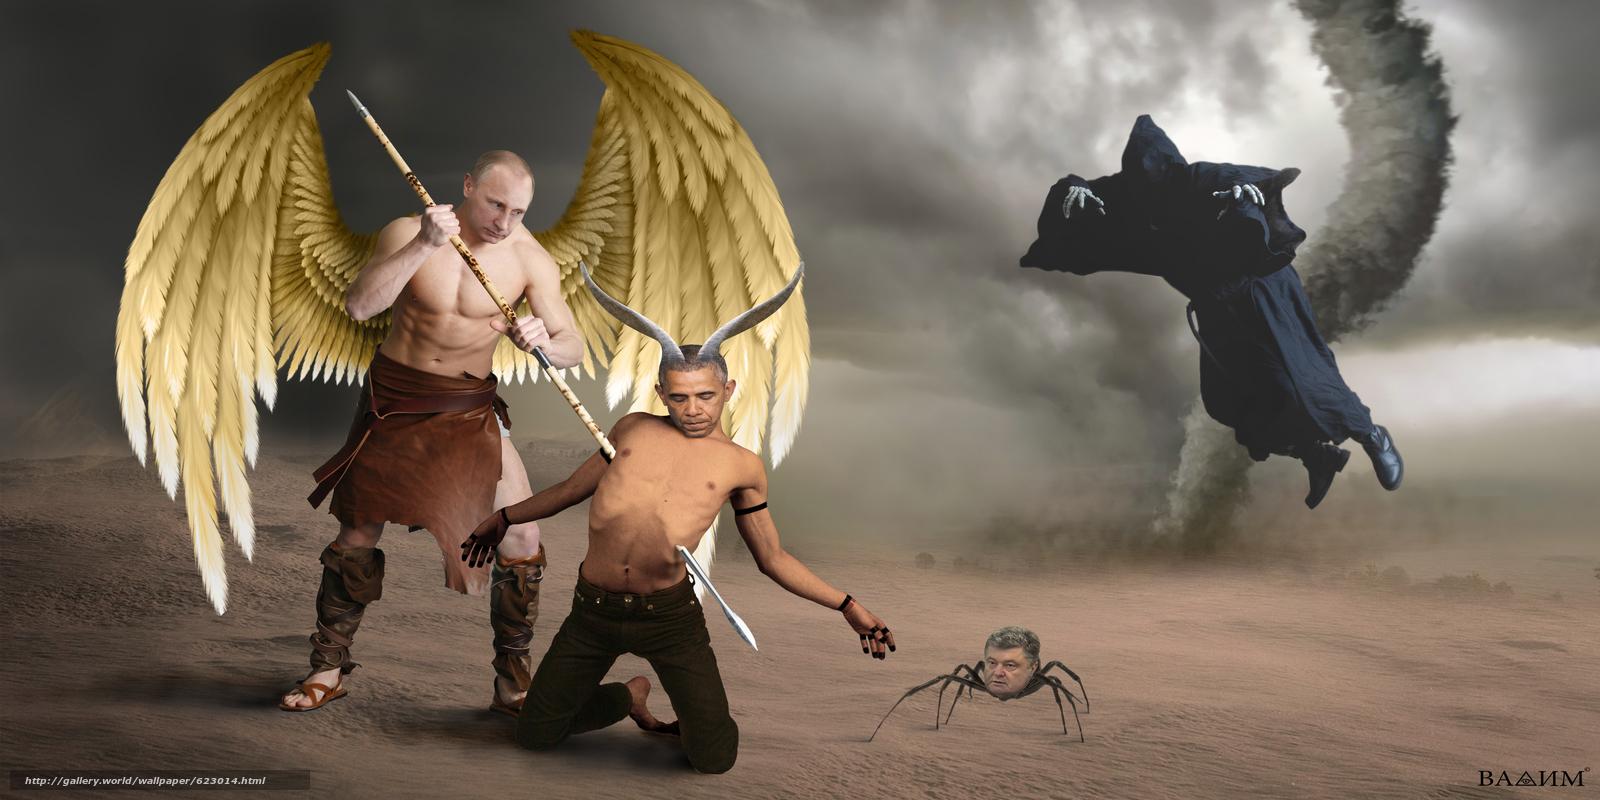 Скачать обои Путин,  Обама,  Порошенко,  политика бесплатно для рабочего стола в разрешении 4000x2000 — картинка №623014